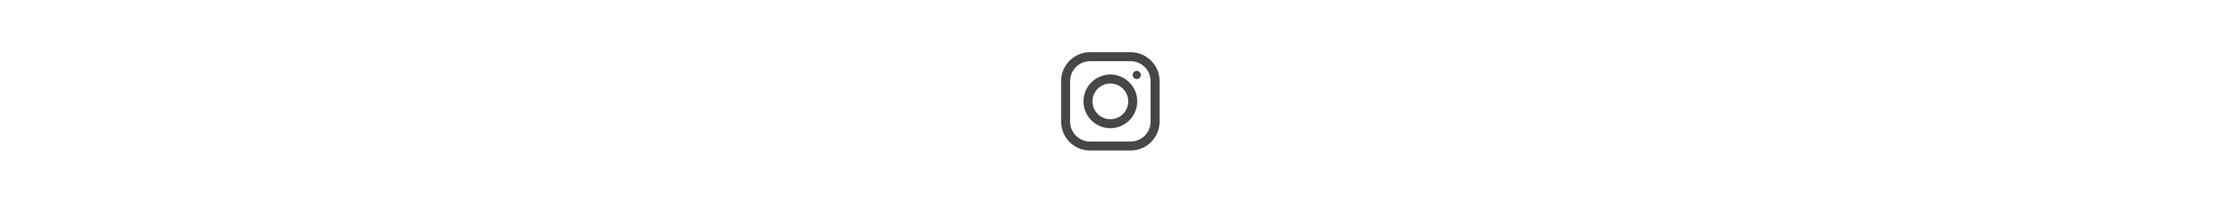 Instagram-inlovewithawolf.jpg